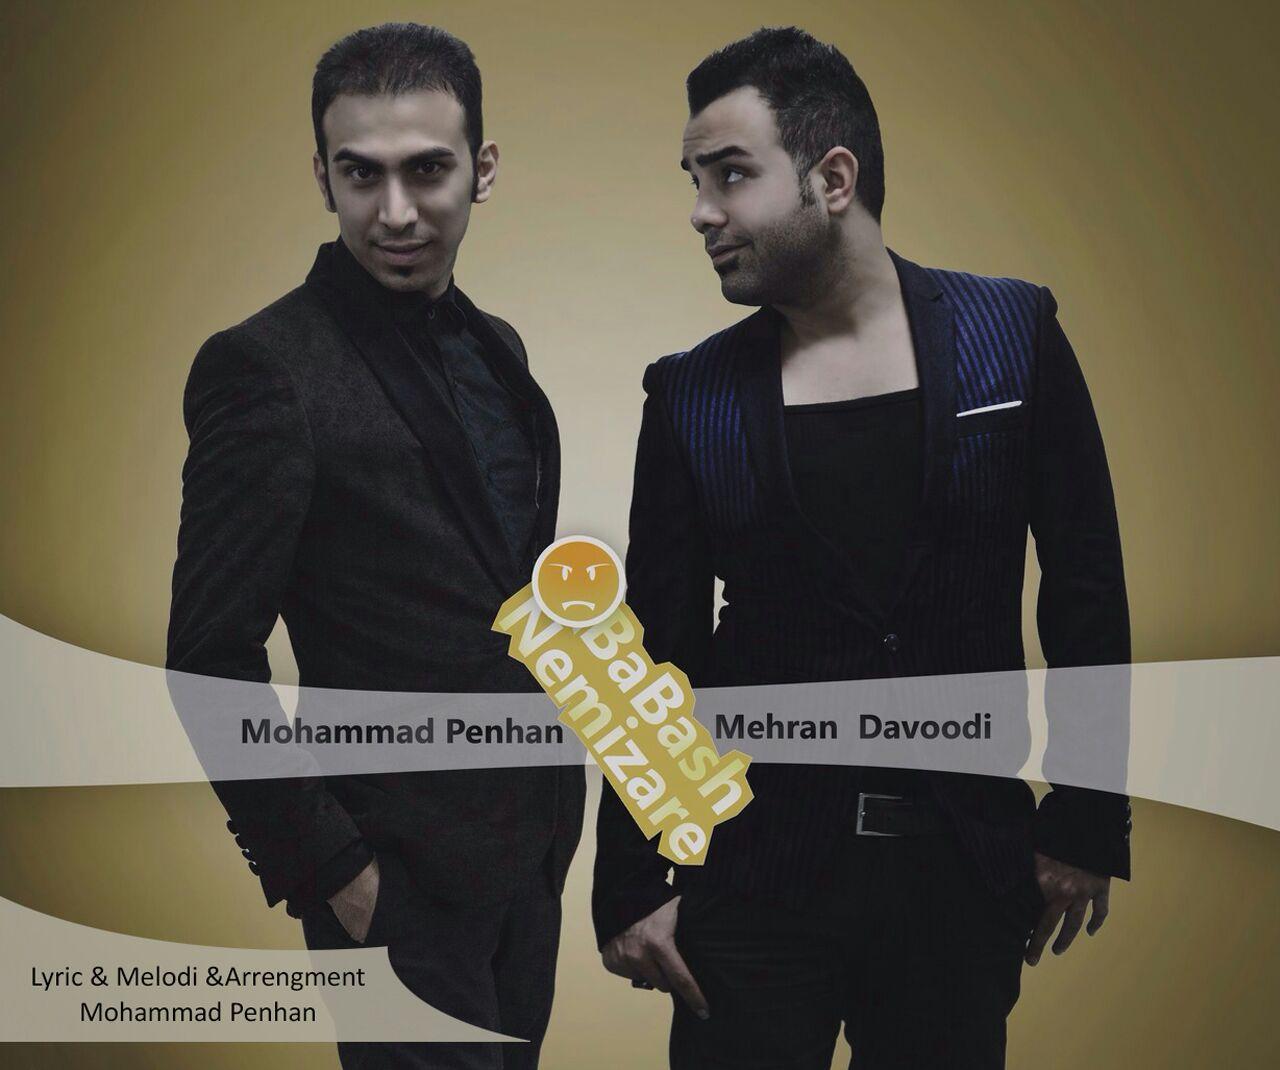 آهنگ جدید محمد پنهان و مهران داوودی به نام باباش نمی ذاره